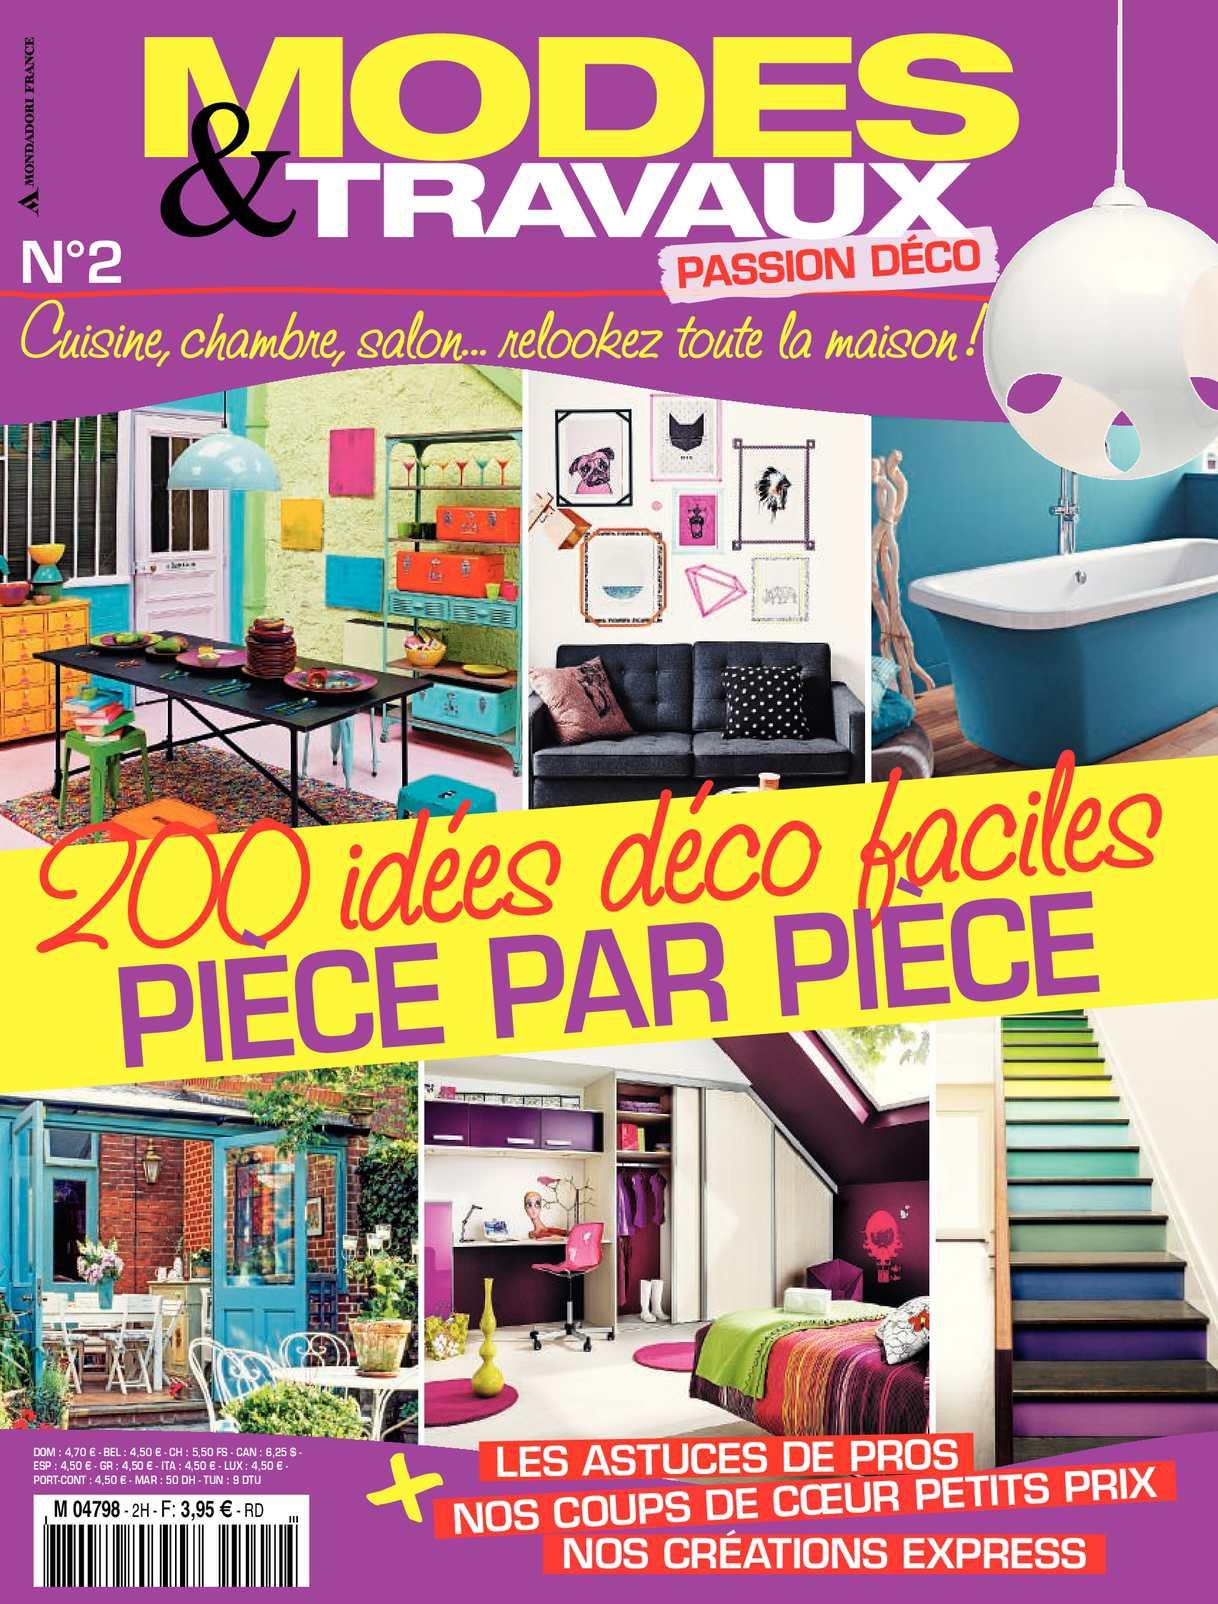 ac4c9597b44221 Calaméo - Modes   Travaux - Passion Déco - 130 idées